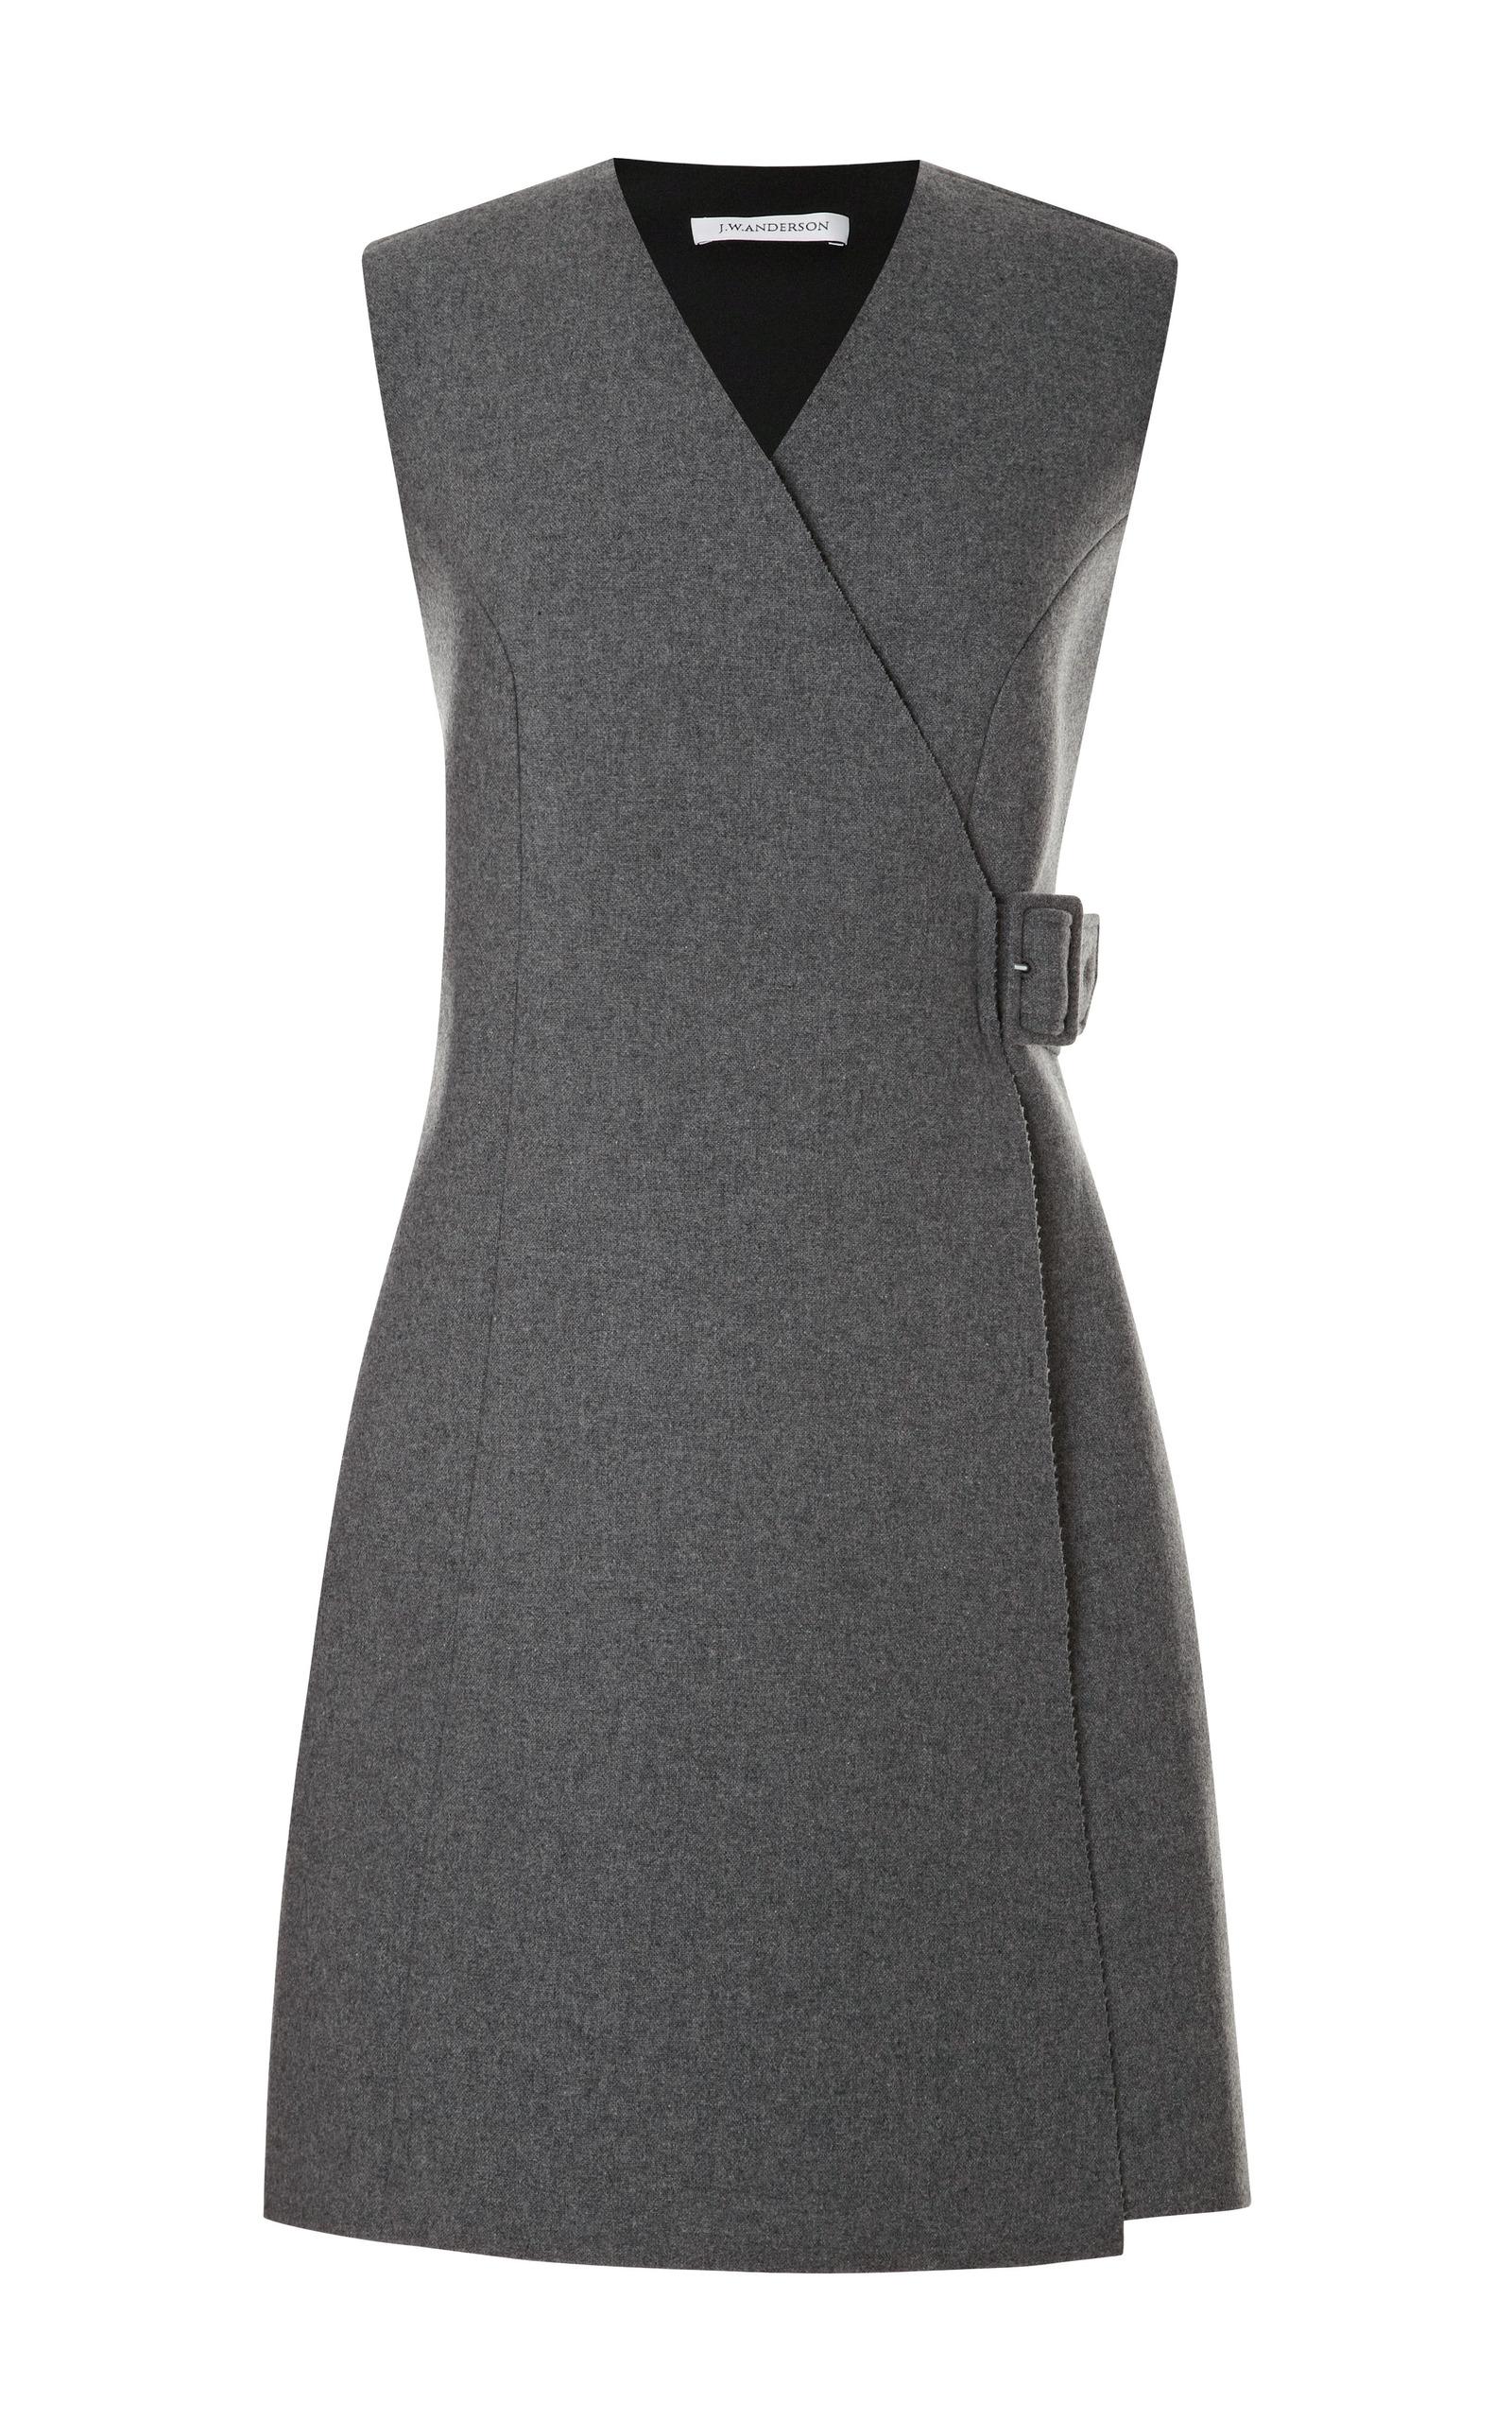 Bonded Neoprene Wool Dress By J W Anderson Moda Operandi